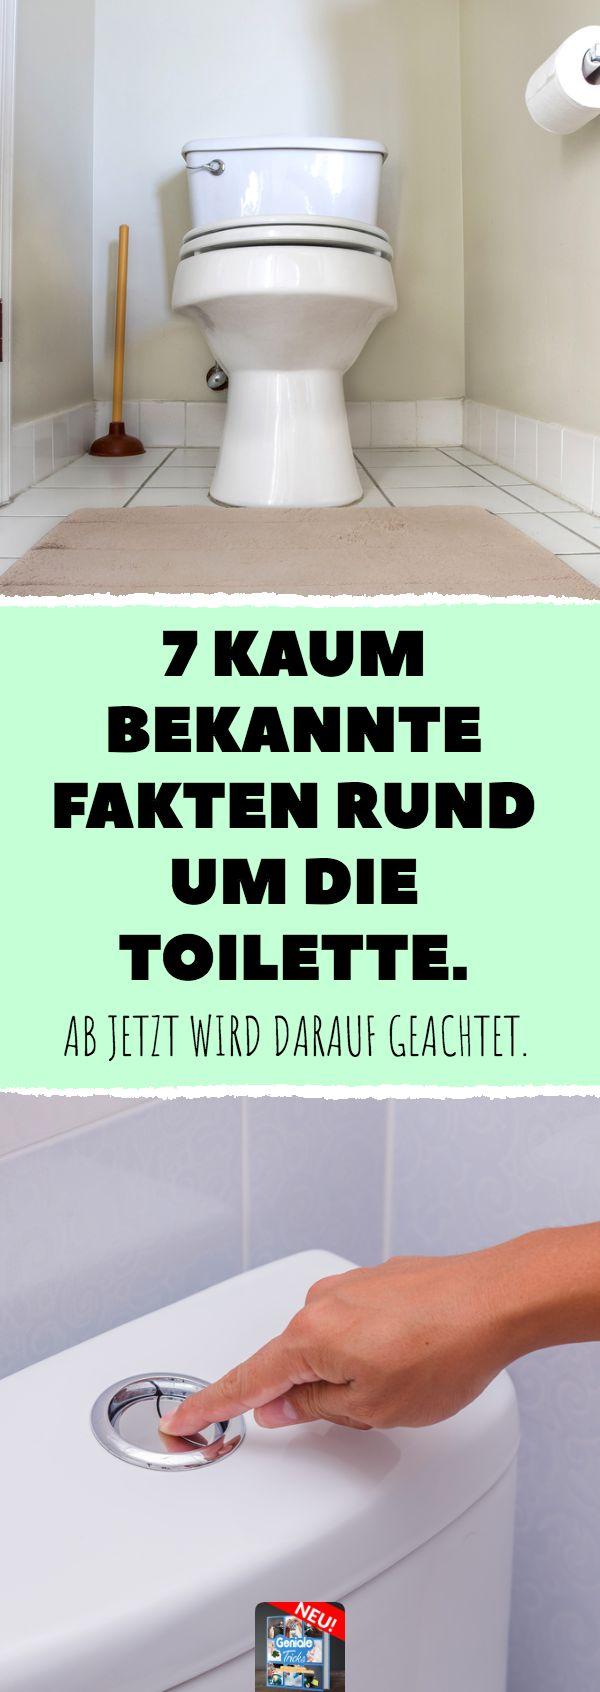 7 kaum bekannte Fakten rund um die Toilette. #klo #klobrille #klopapier #toilett…